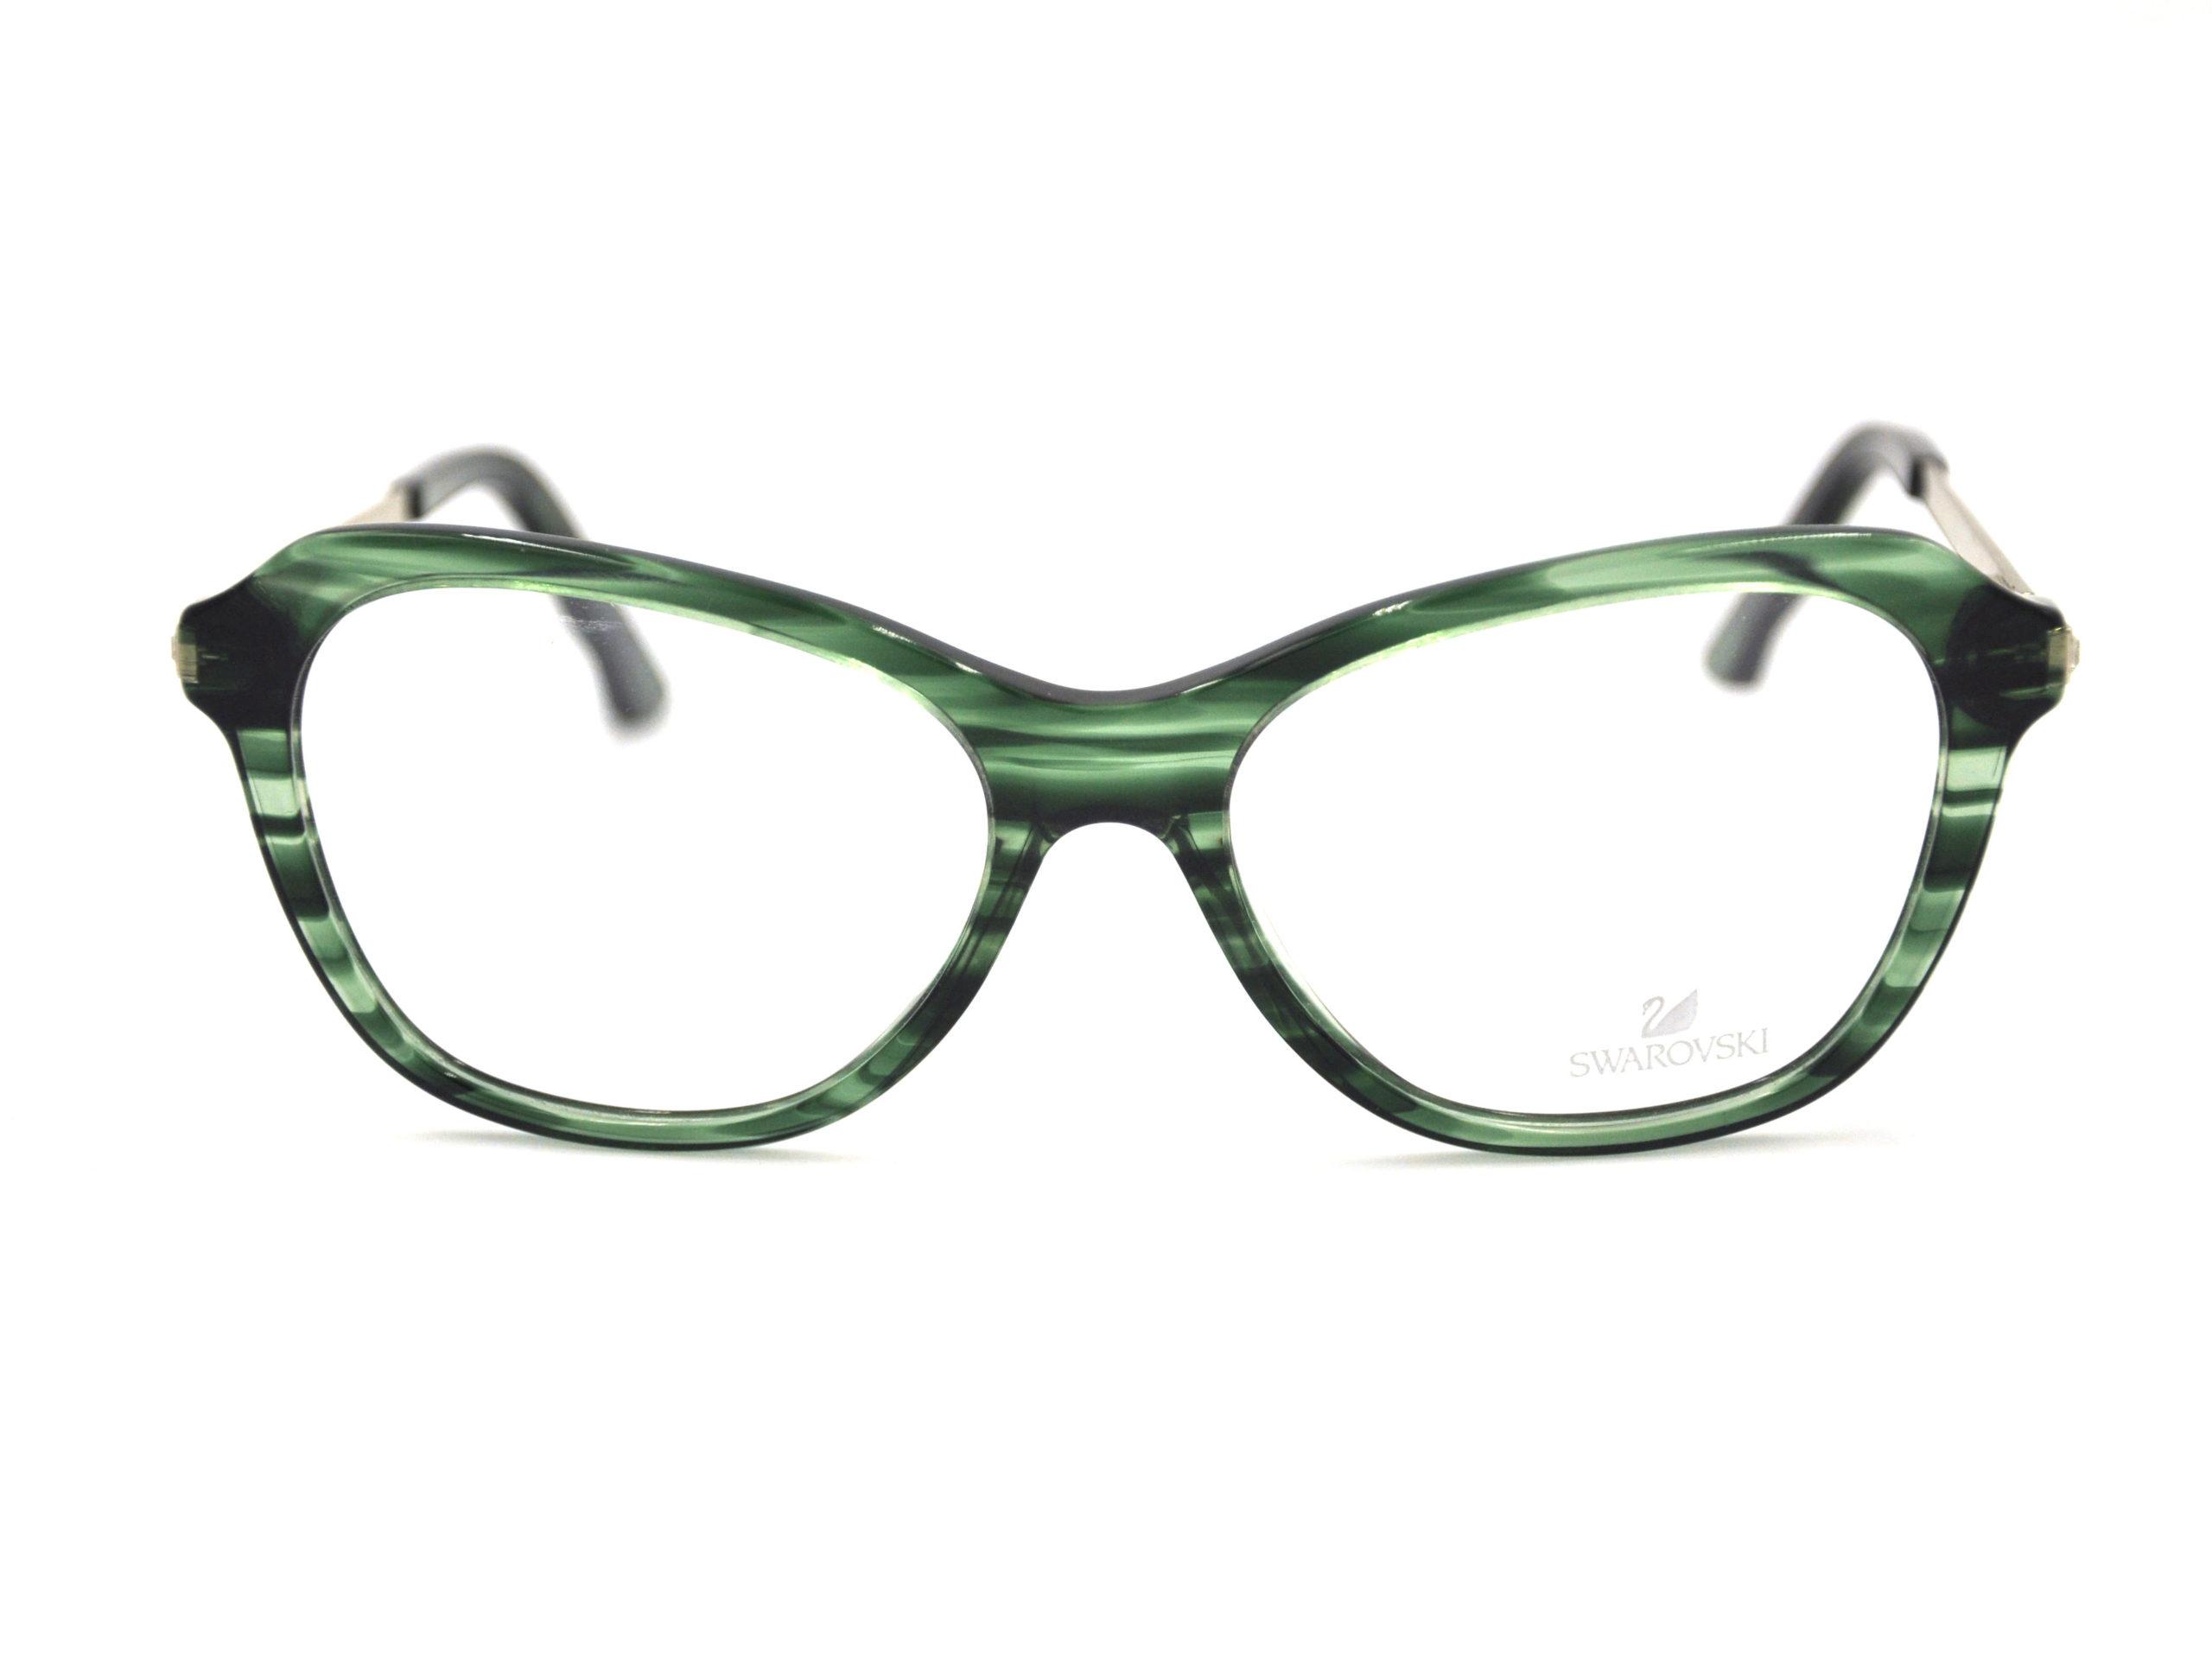 Γυαλιά οράσεως Swarovski FLORRIE SW5161 096 Πειραιάς